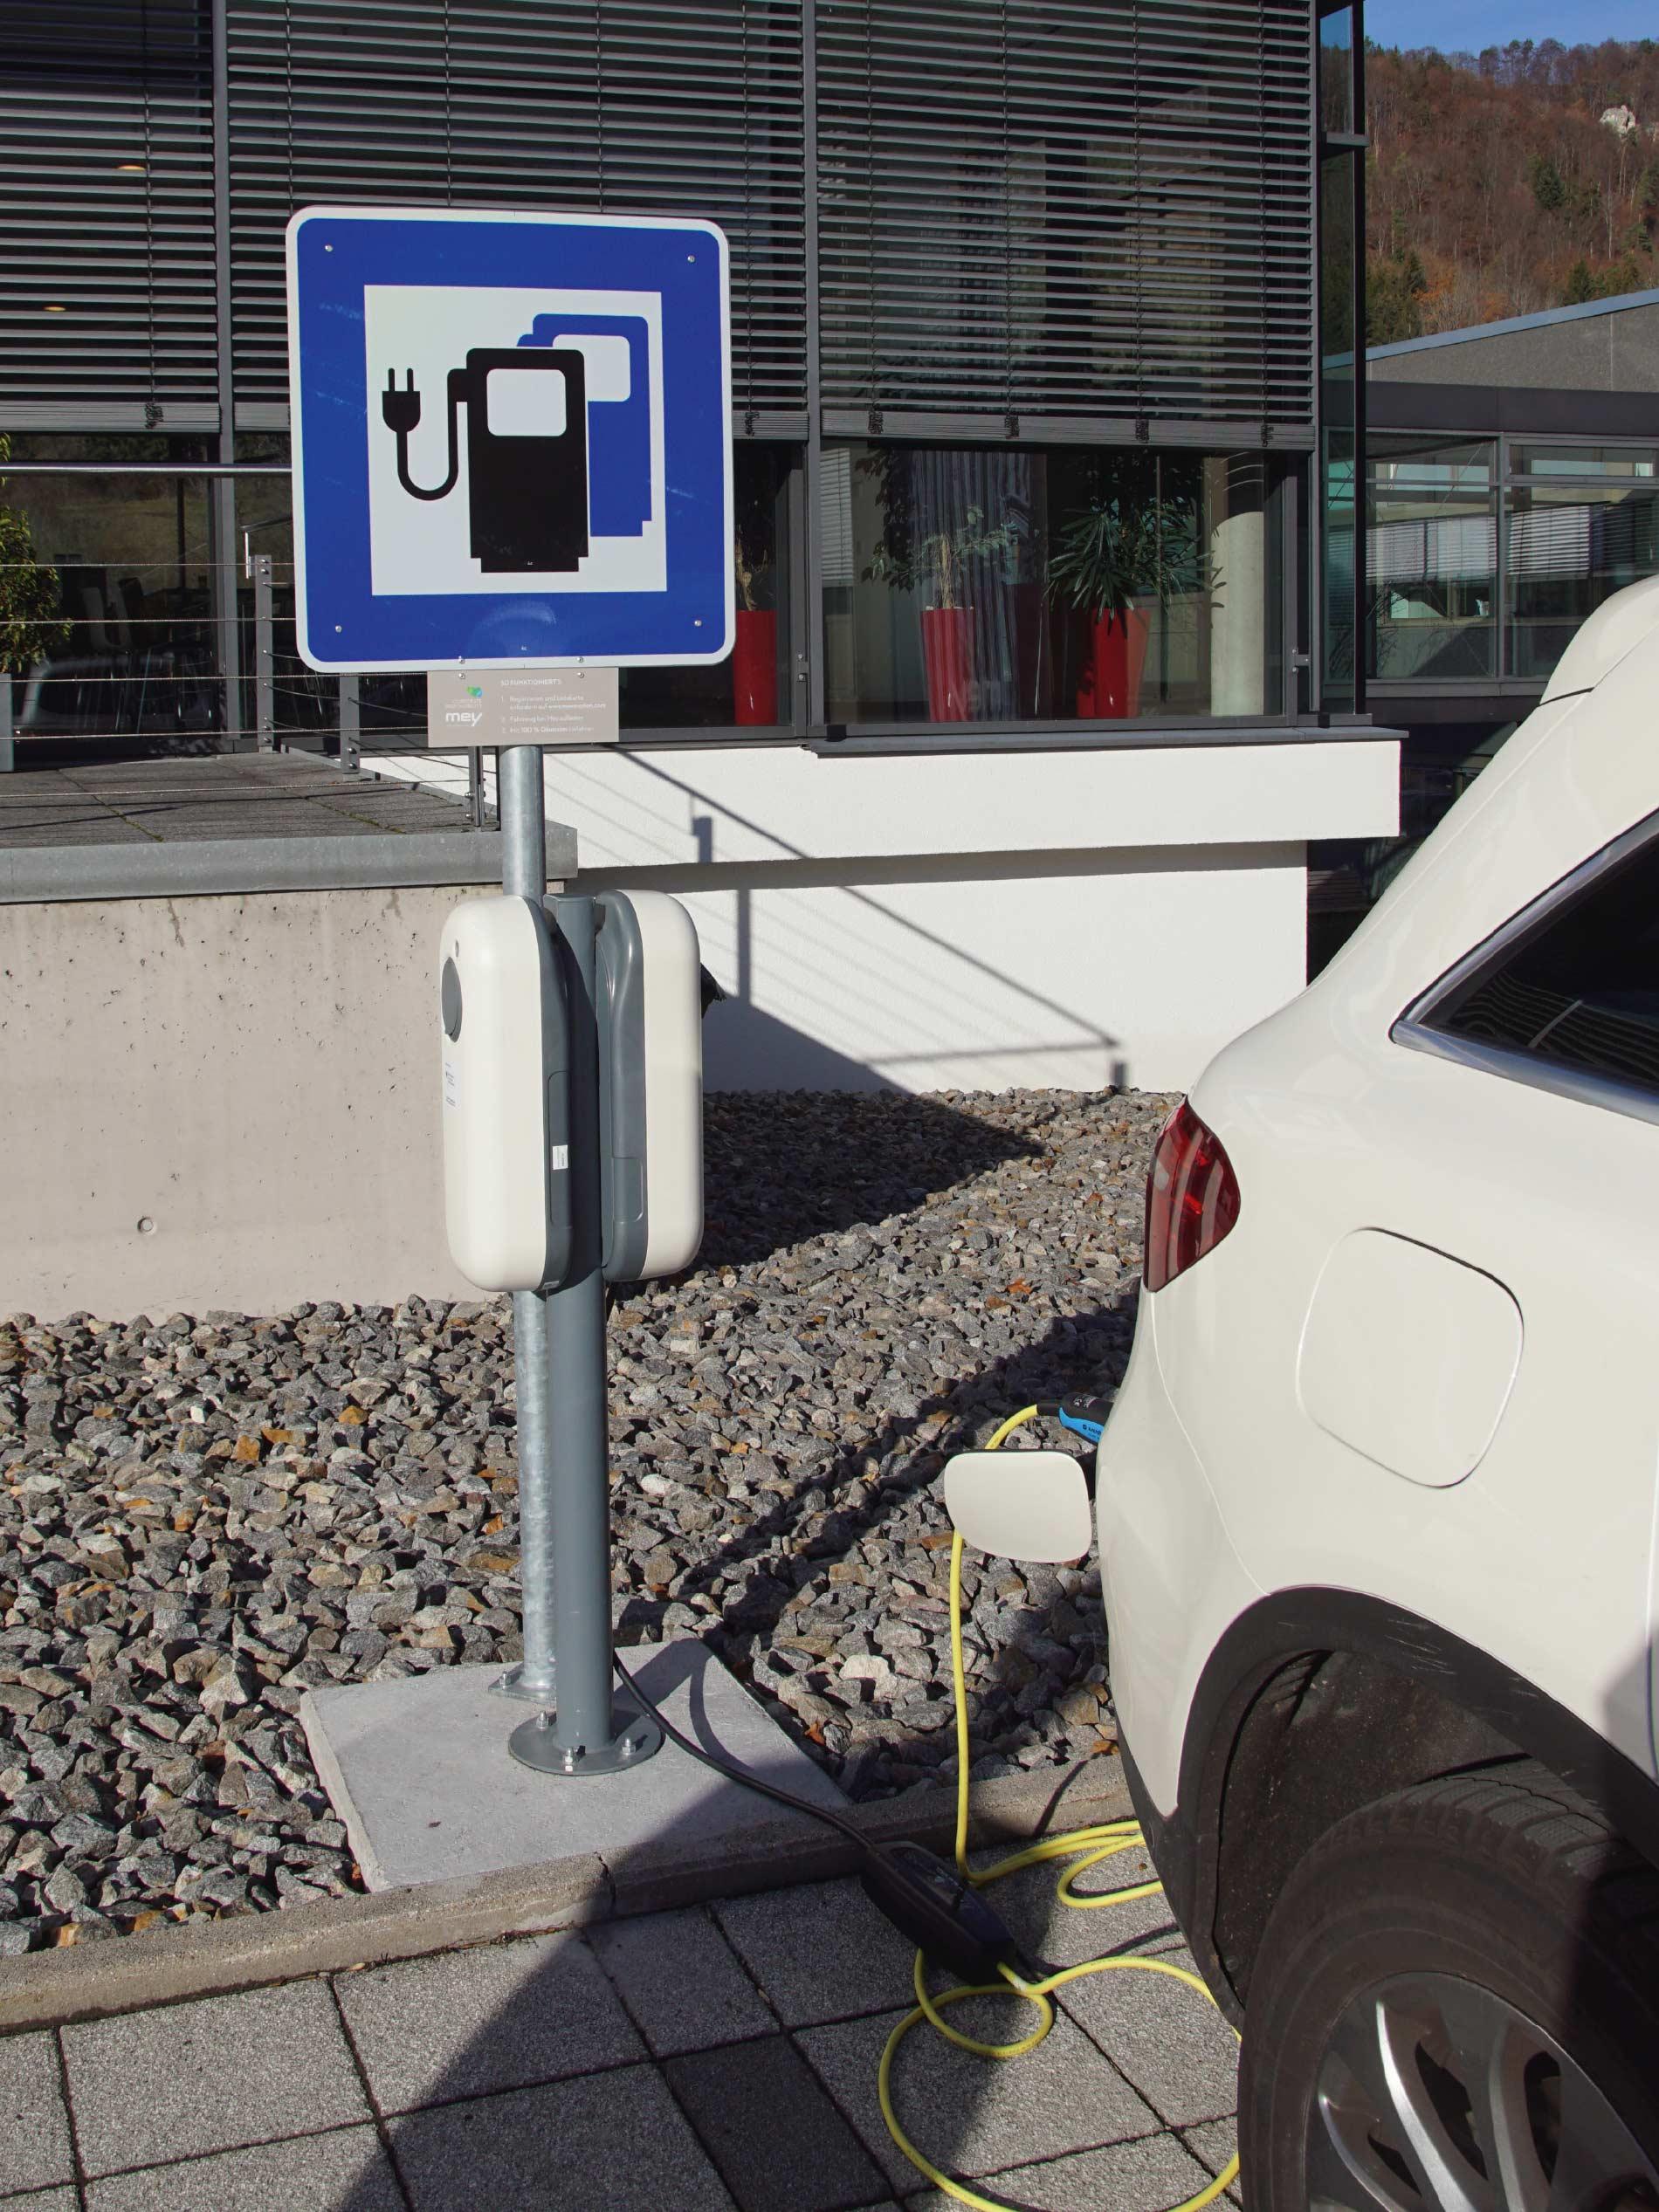 Schild und Elektro-Ladestation für E-Autos vor dem mey Headquarter in Albstadt, Deutschland | mey®